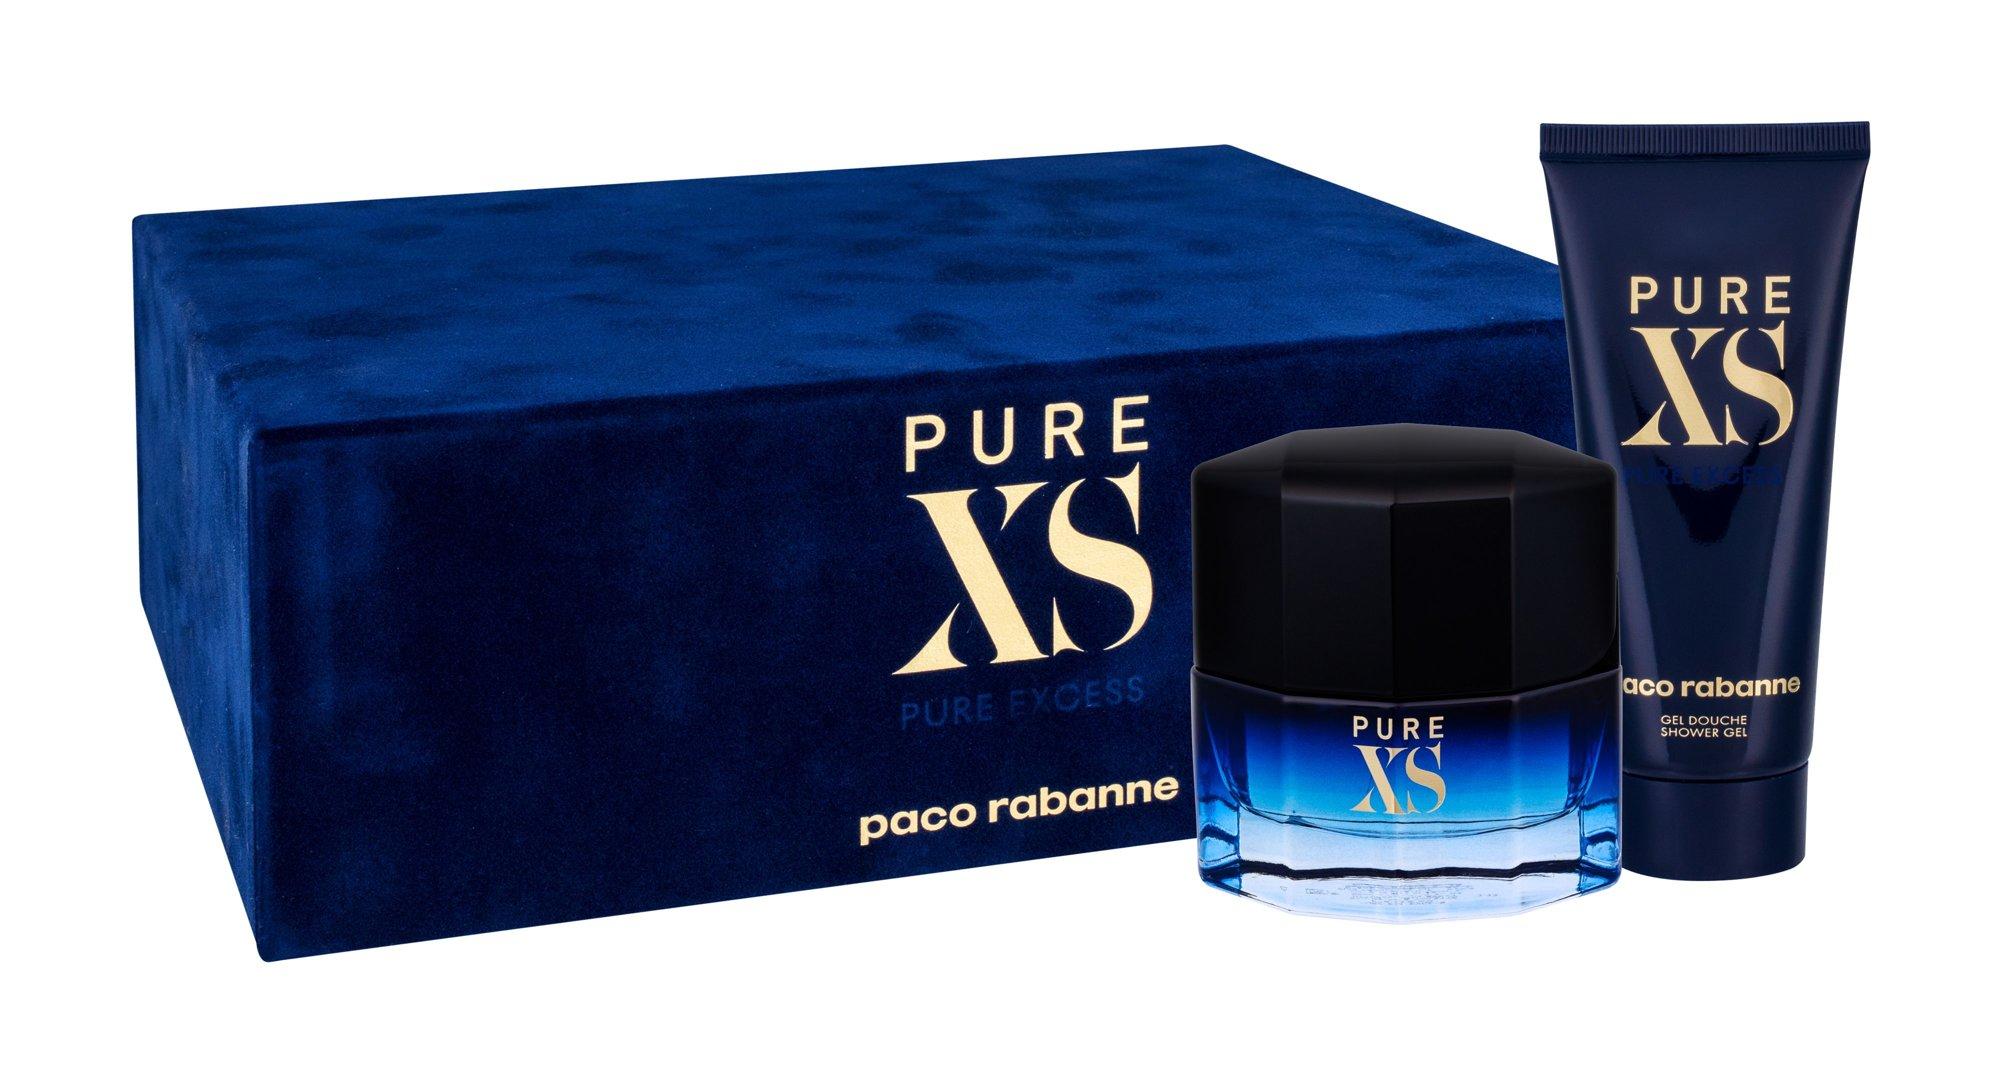 Paco Rabanne Pure XS, toaletná voda 50 ml + sprchovací gél 100 ml